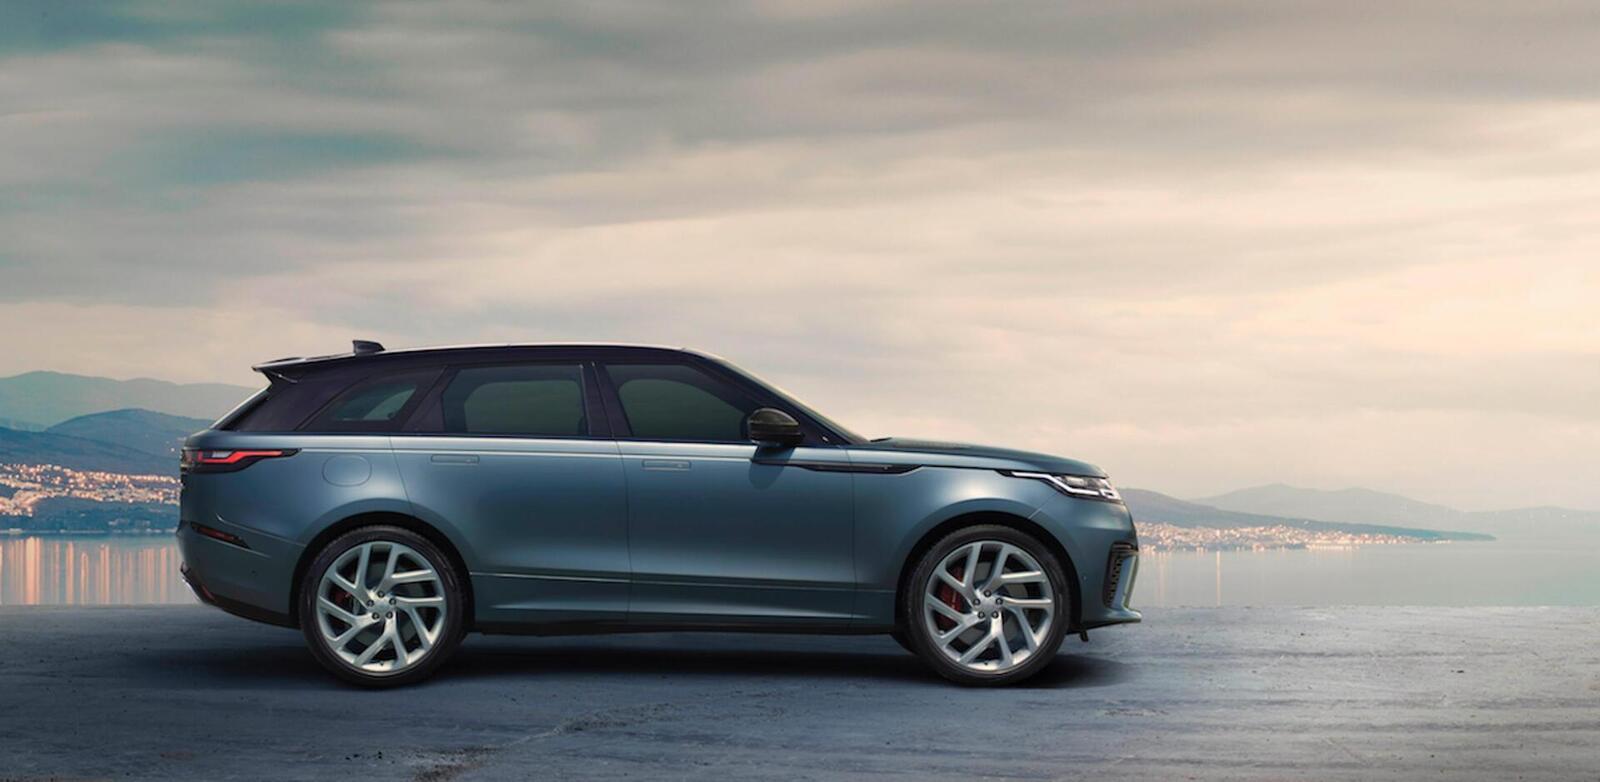 Range Rover Velar có thêm phiên bản SVAutobiography Dynamic Edition - Hình 5